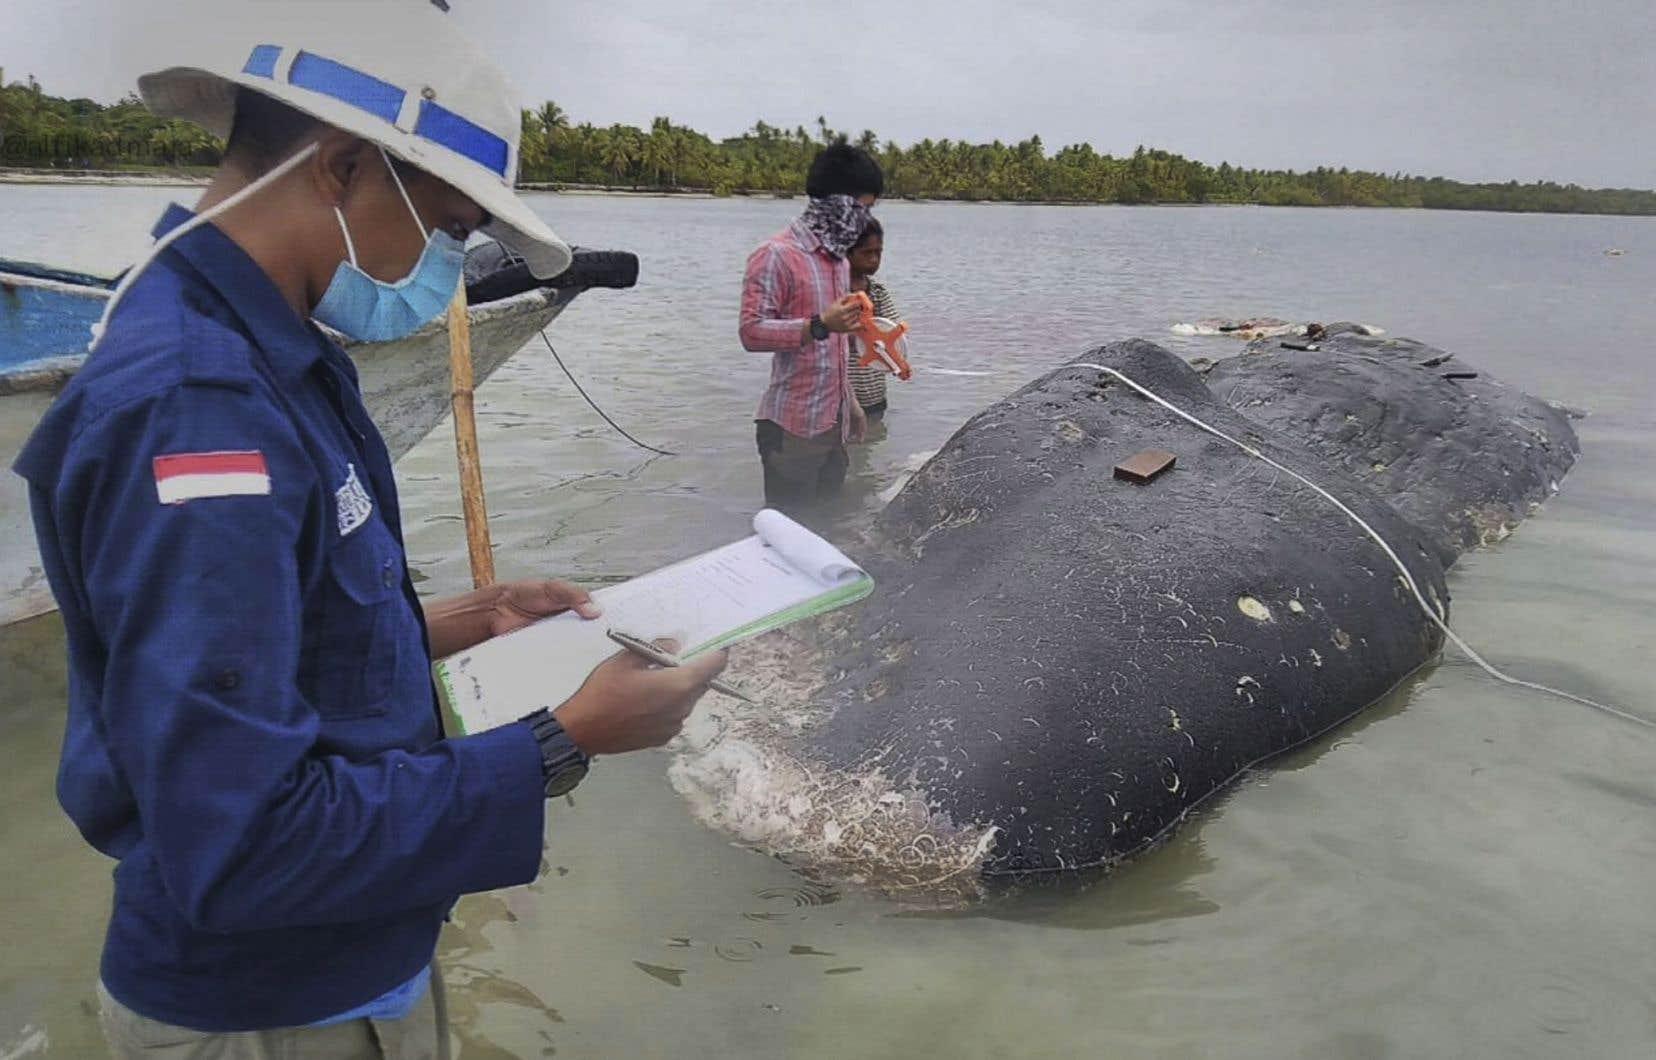 Des employés du parc national de Wakatobi ont repéré la carcasse du grand cachalot de 9,5 m lundi soir près du parc, dans la province de Sulawesi.